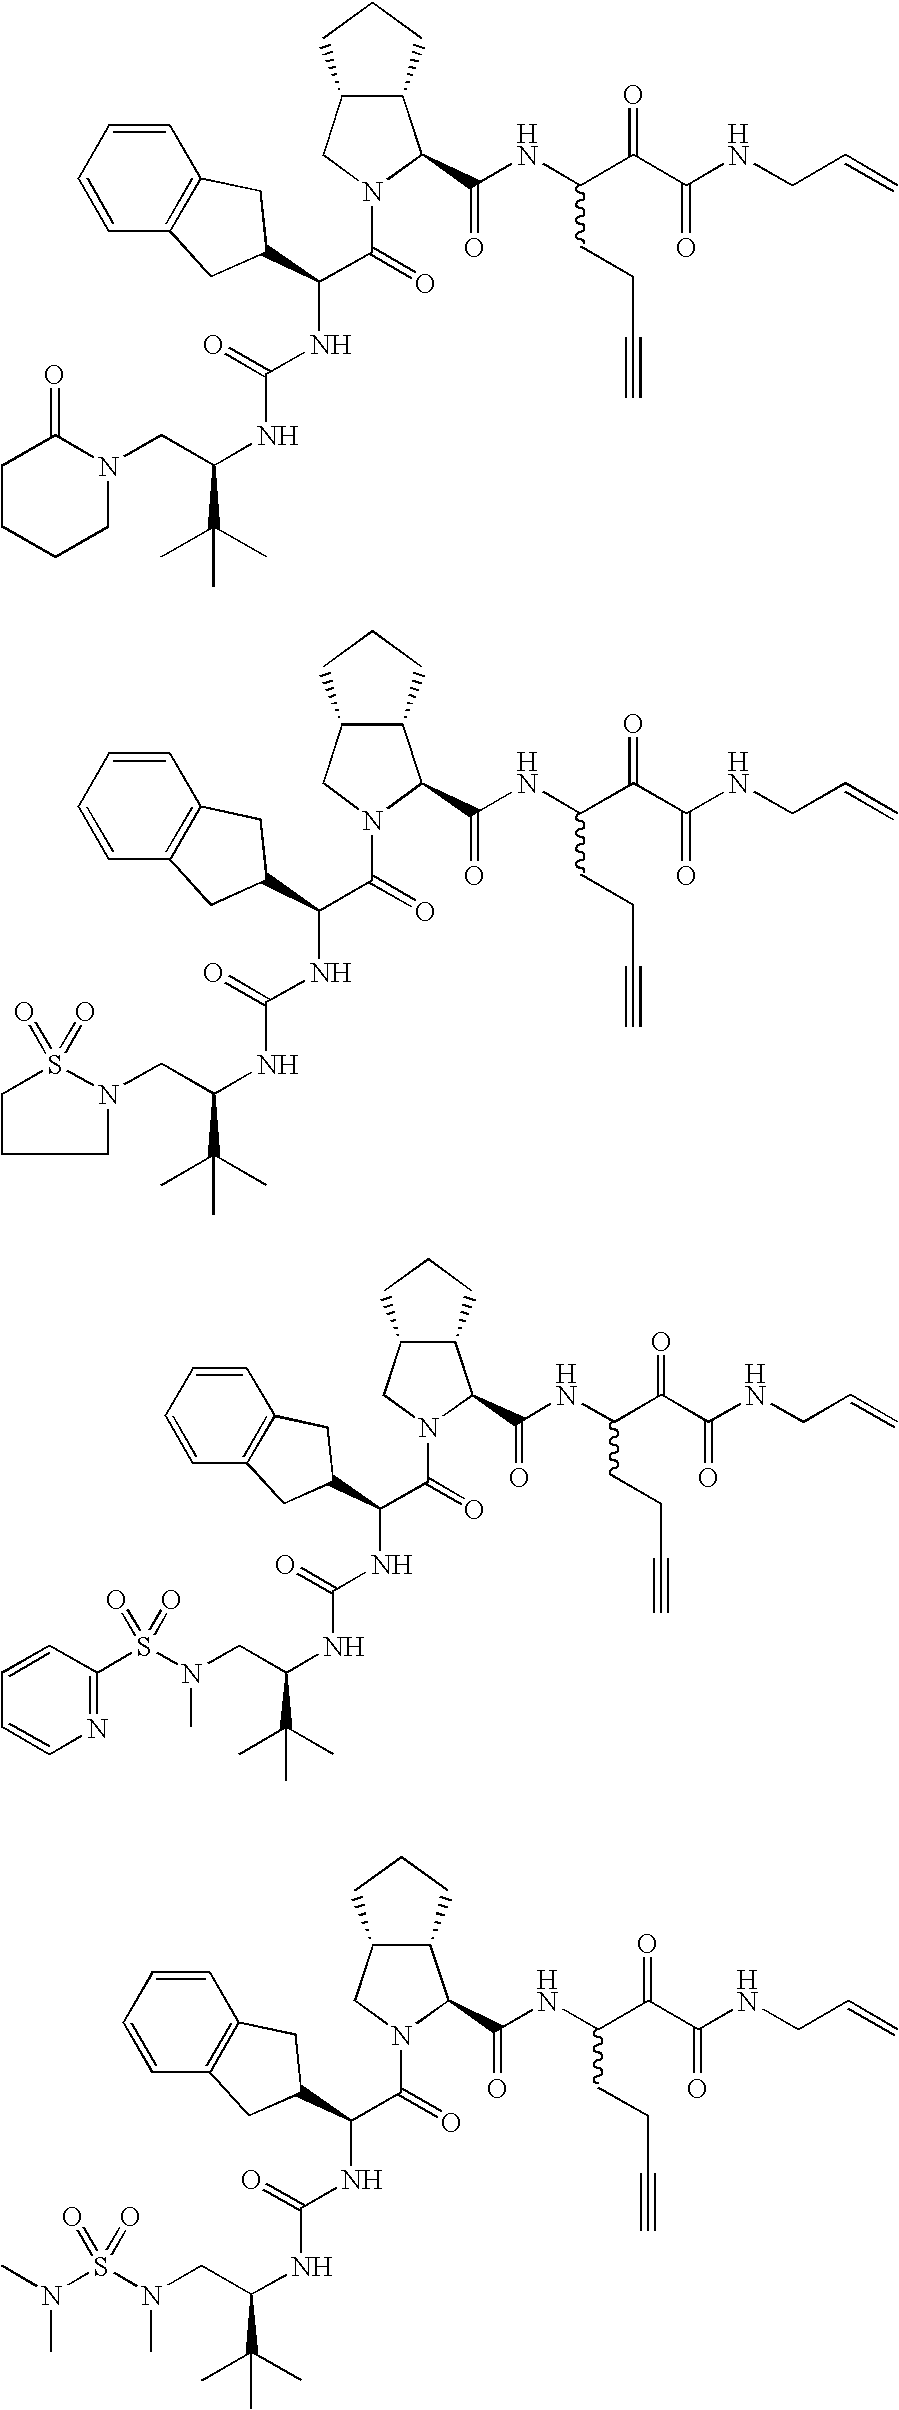 Figure US20060287248A1-20061221-C00547